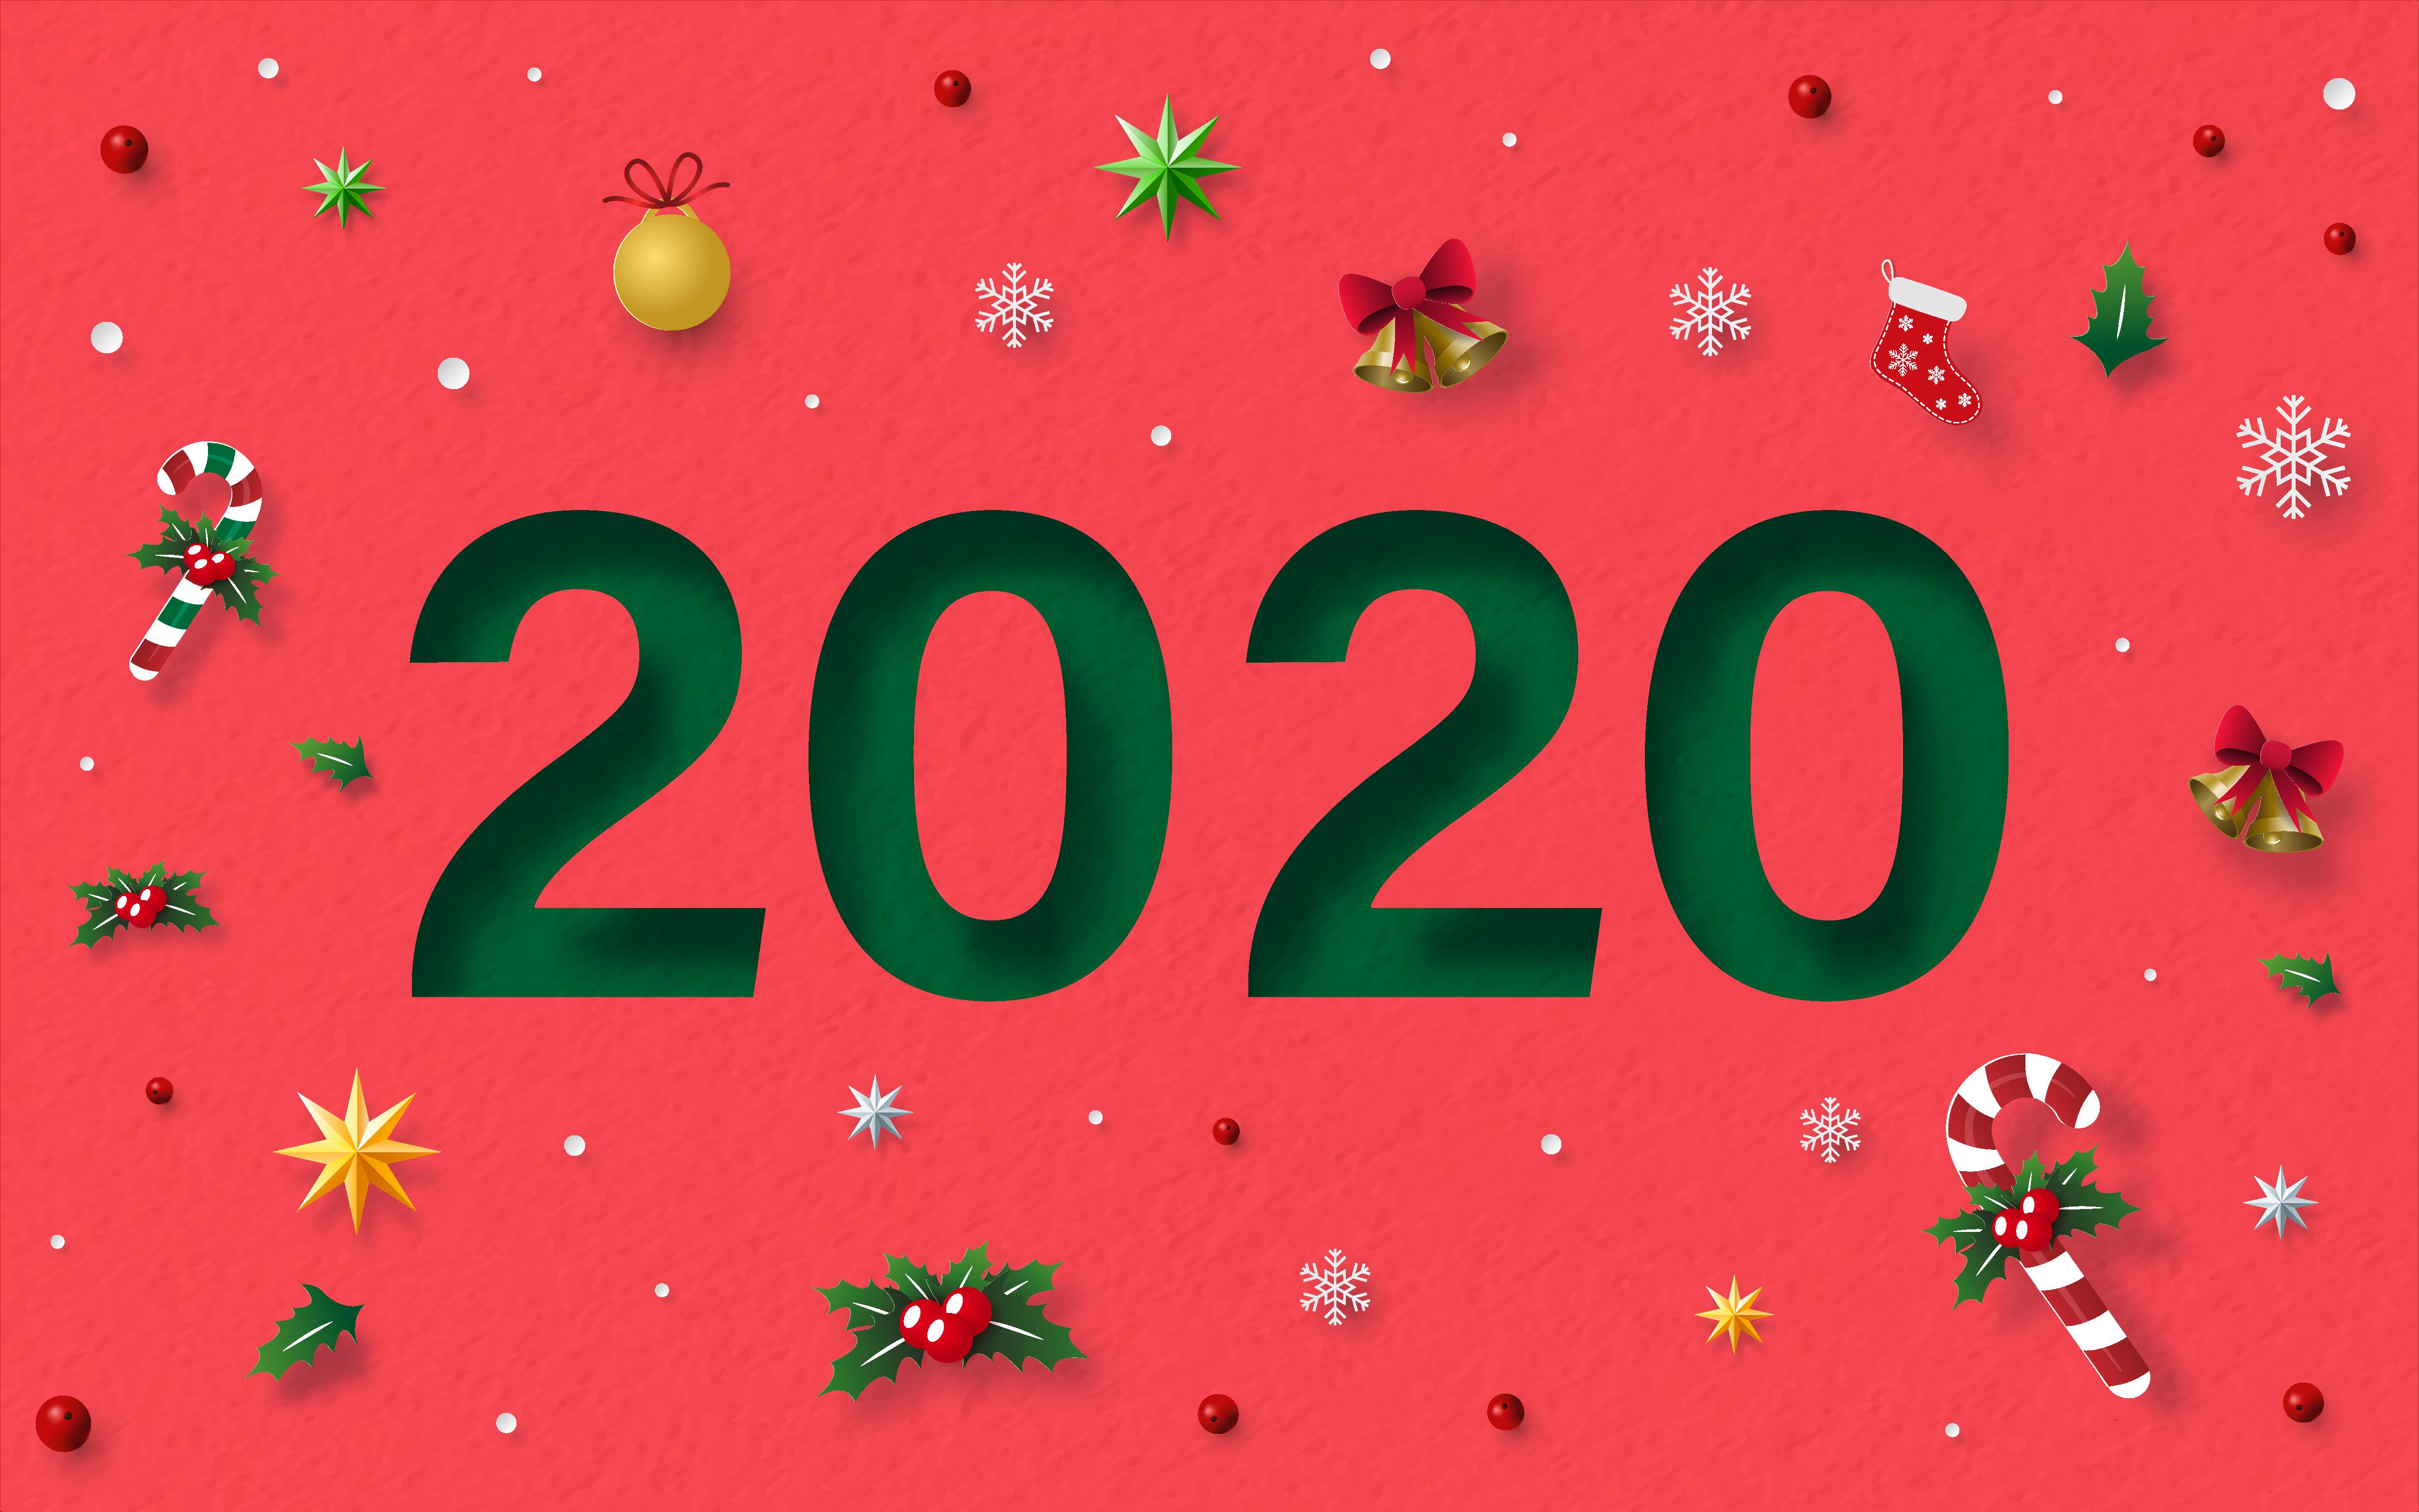 Режим работы в Новогодние праздники 2020 года!